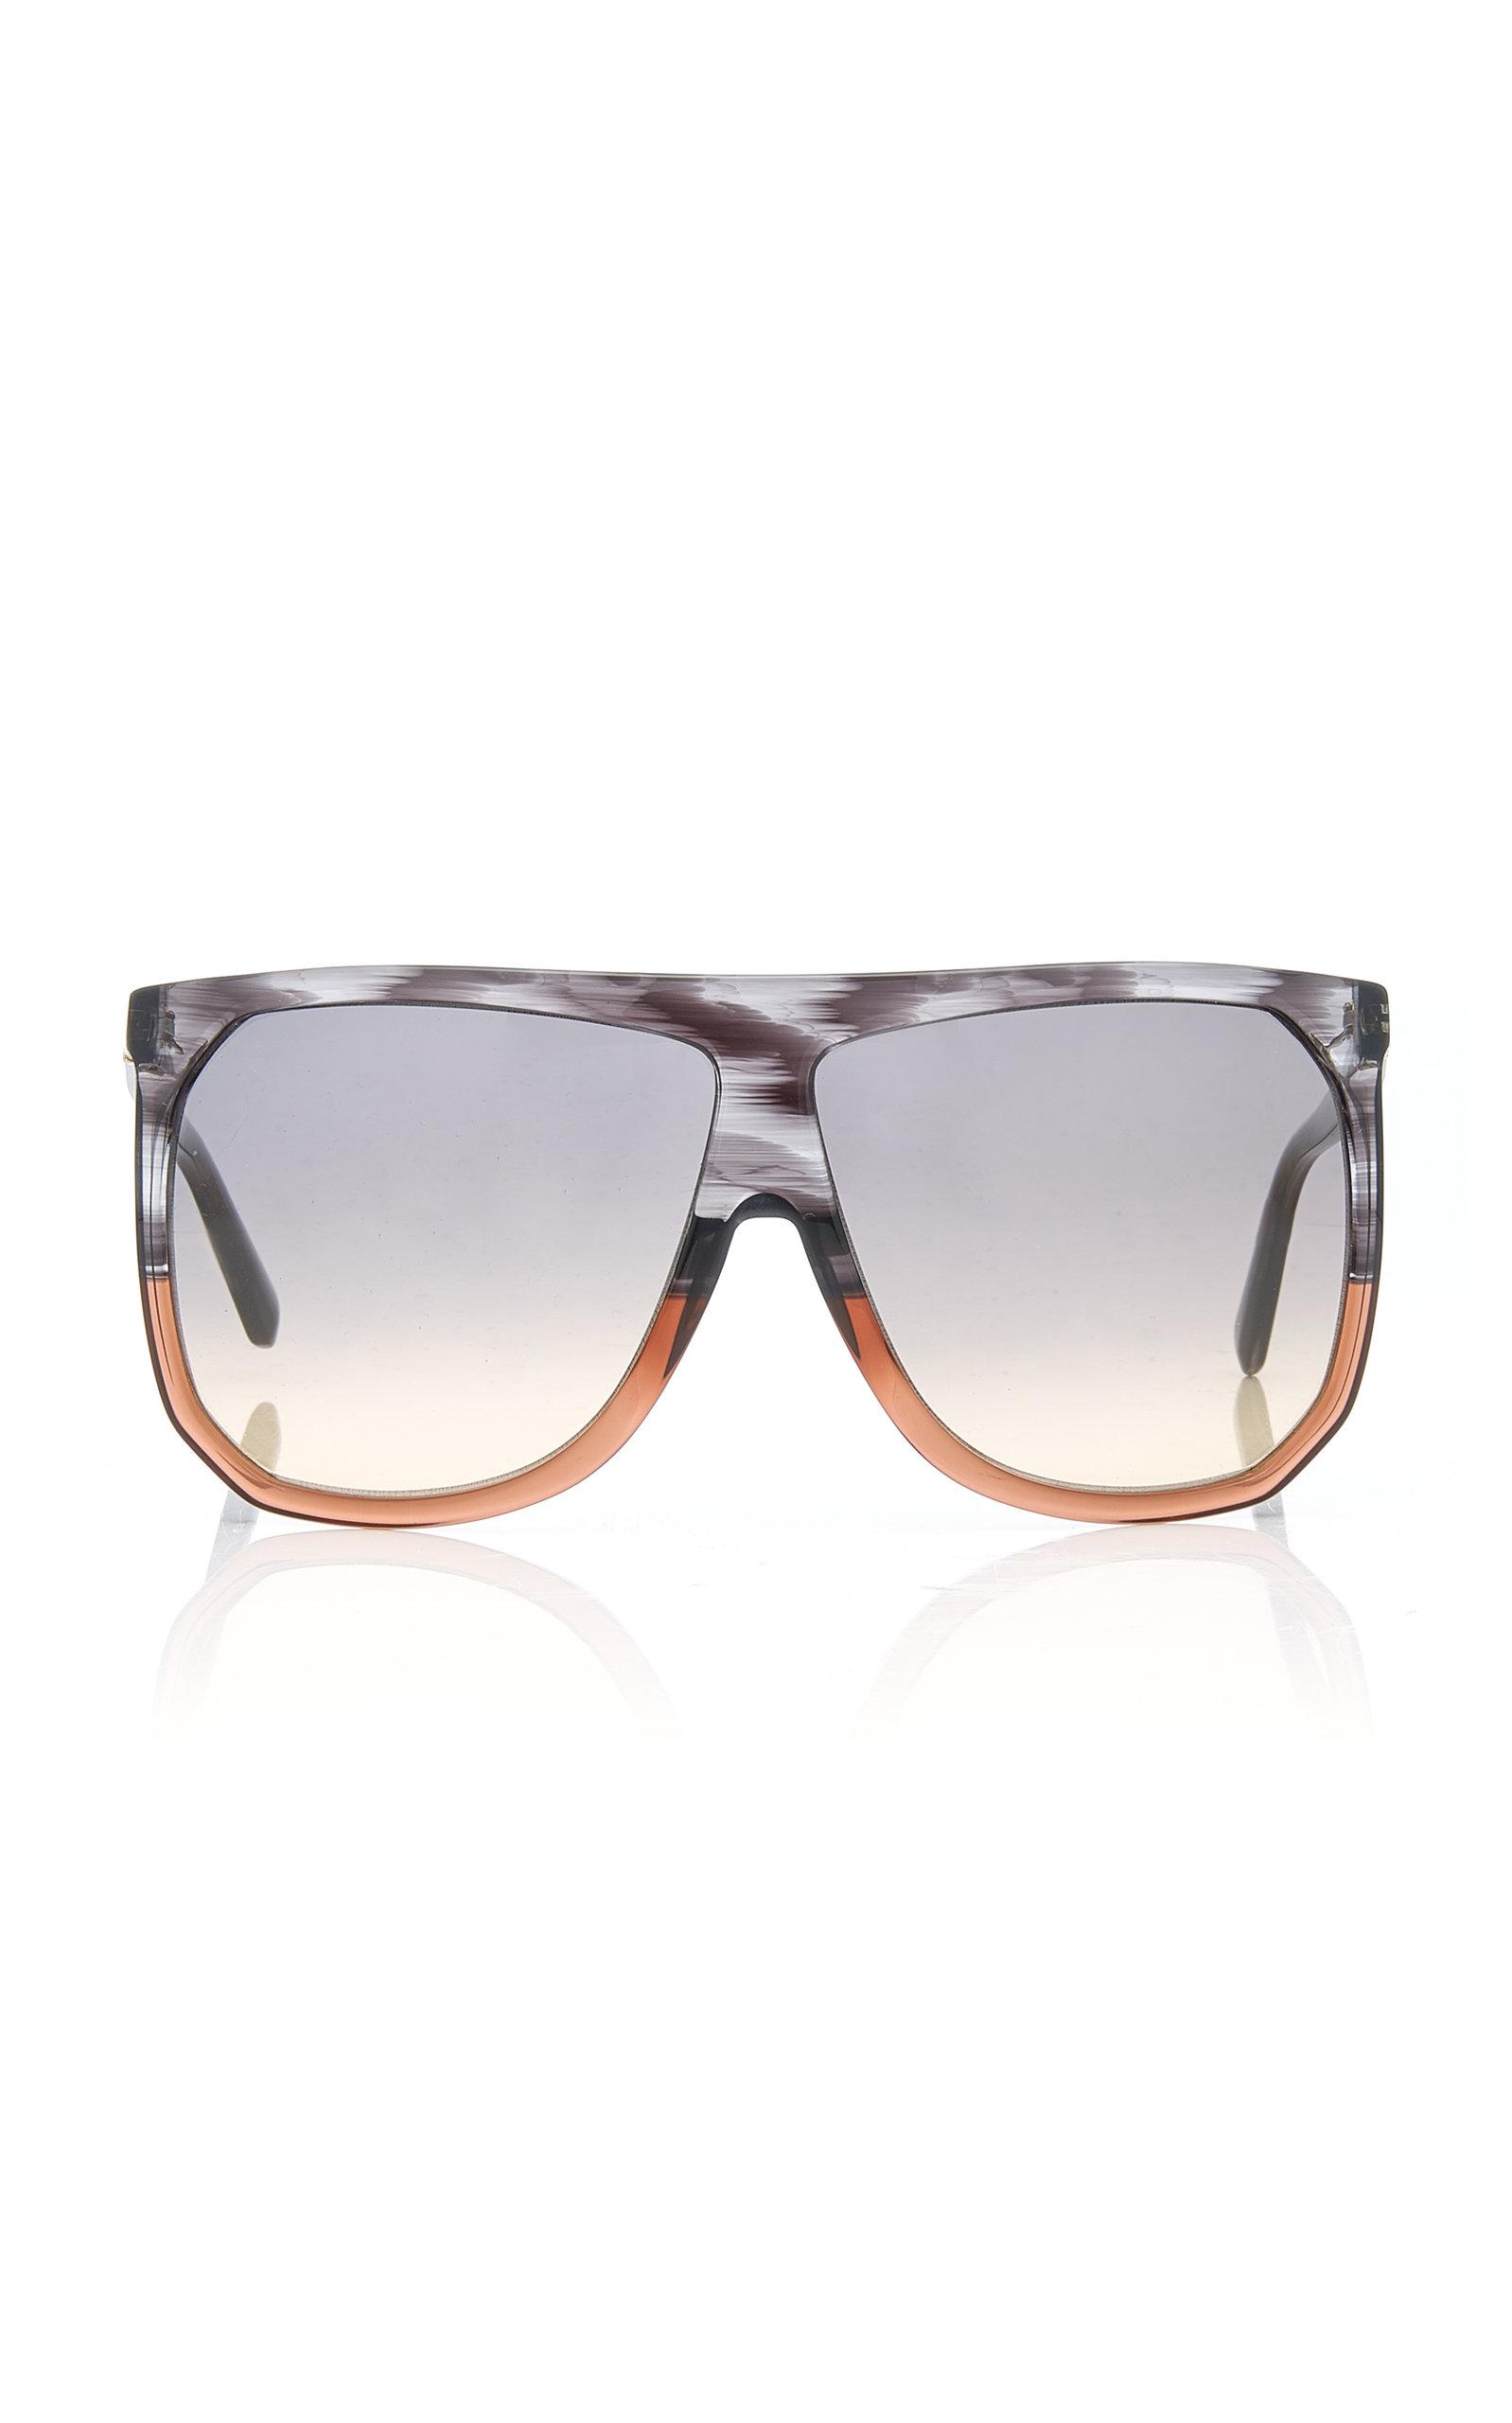 2bda6ee45e Loewe SunglassesFilipa Two-Tone Acetate Sunglasses. CLOSE. Loading